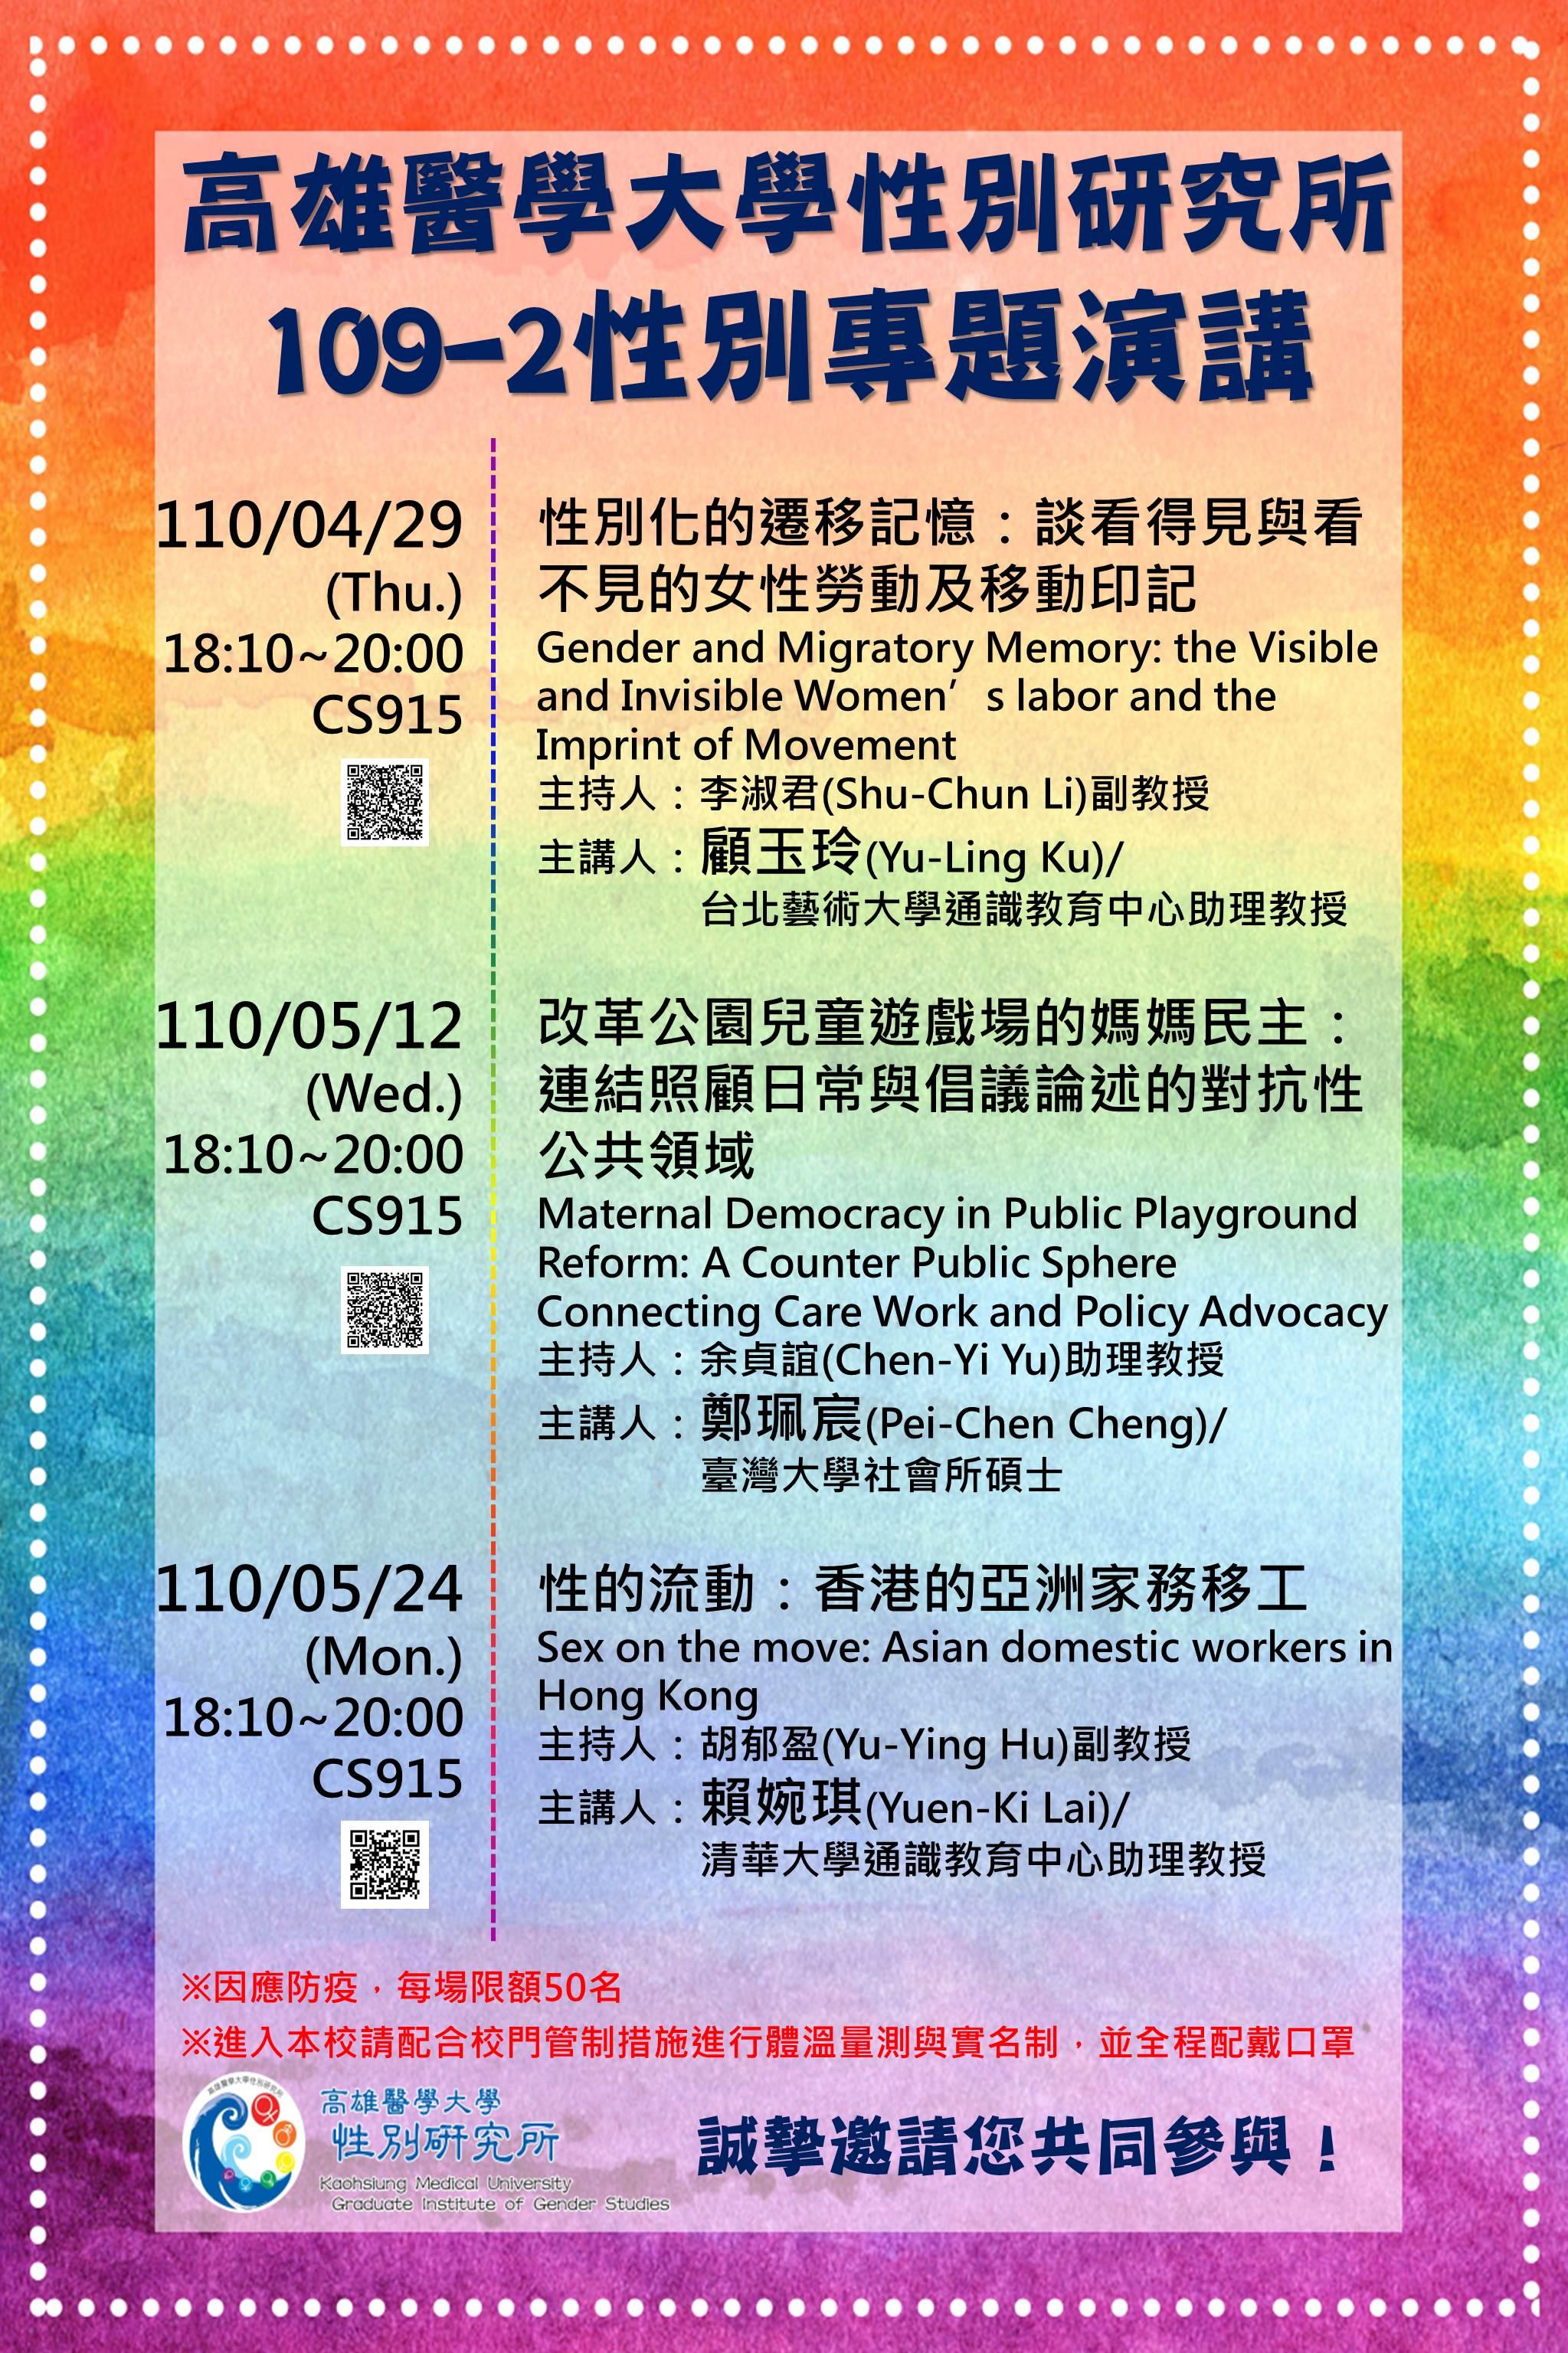 高雄醫學大學性別研究所109-2性別專題演講